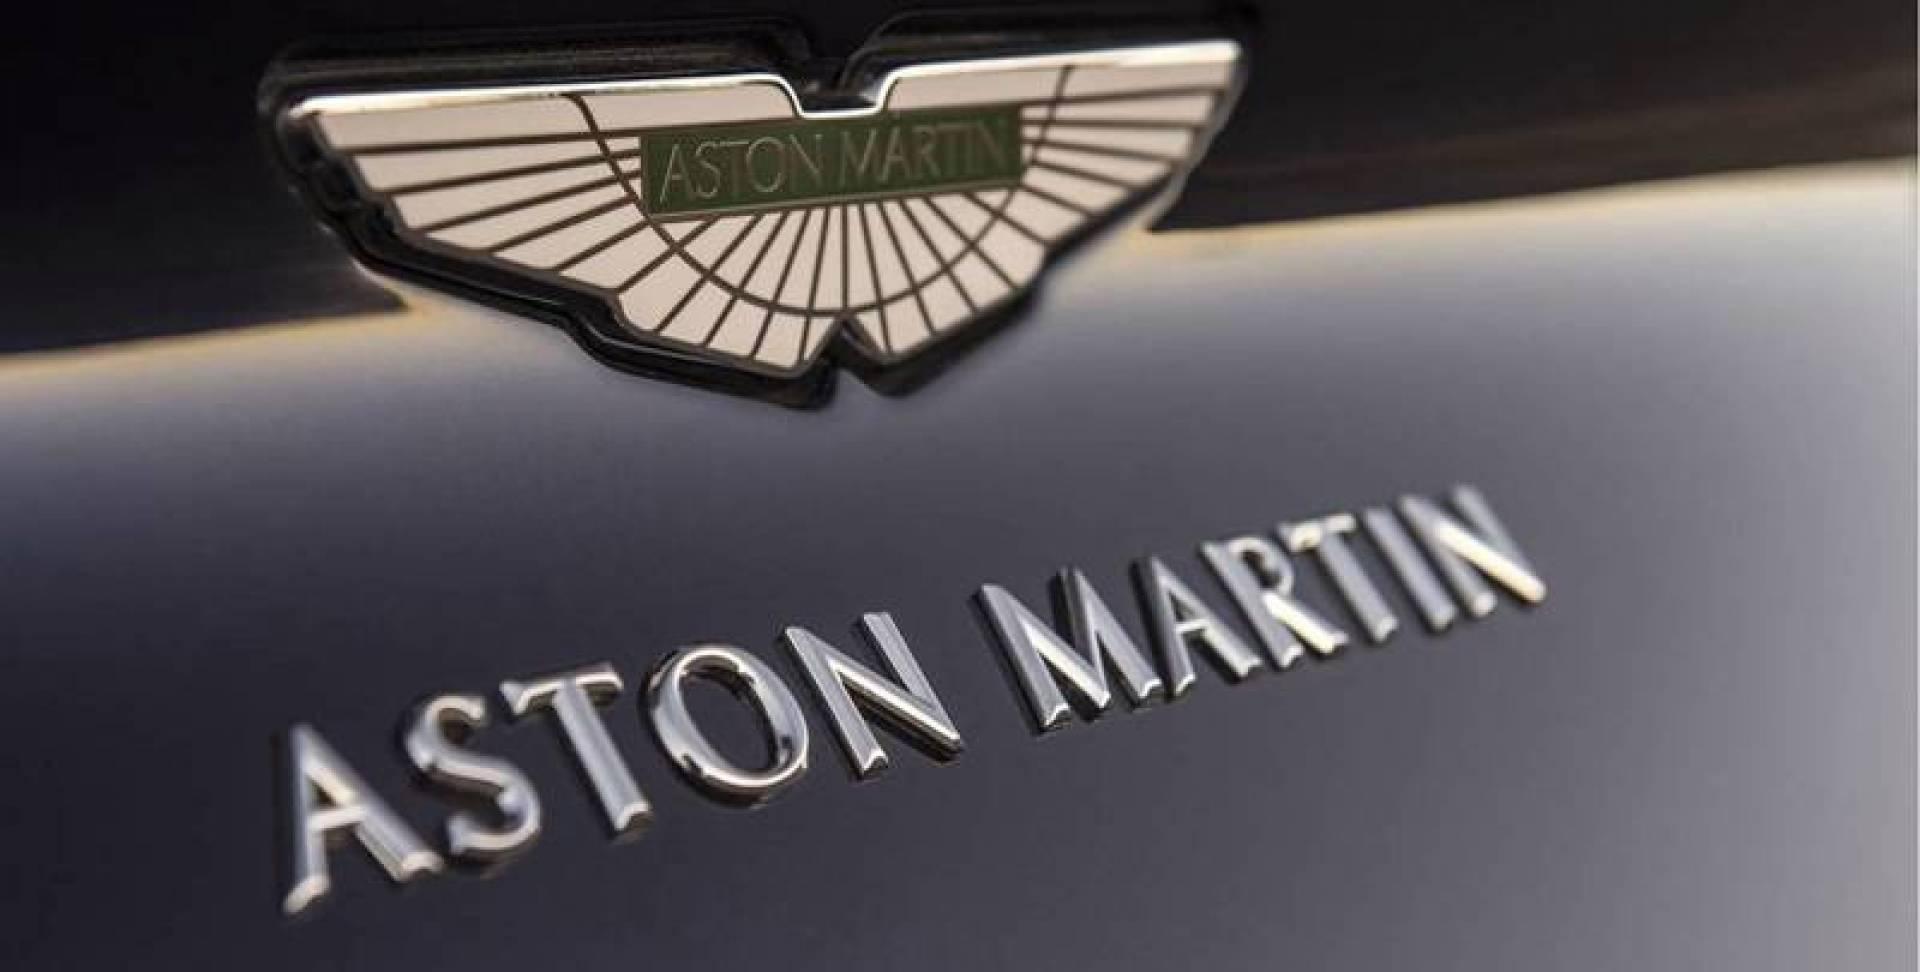 من ينقذ «أستون مارتن» من كبوتها؟